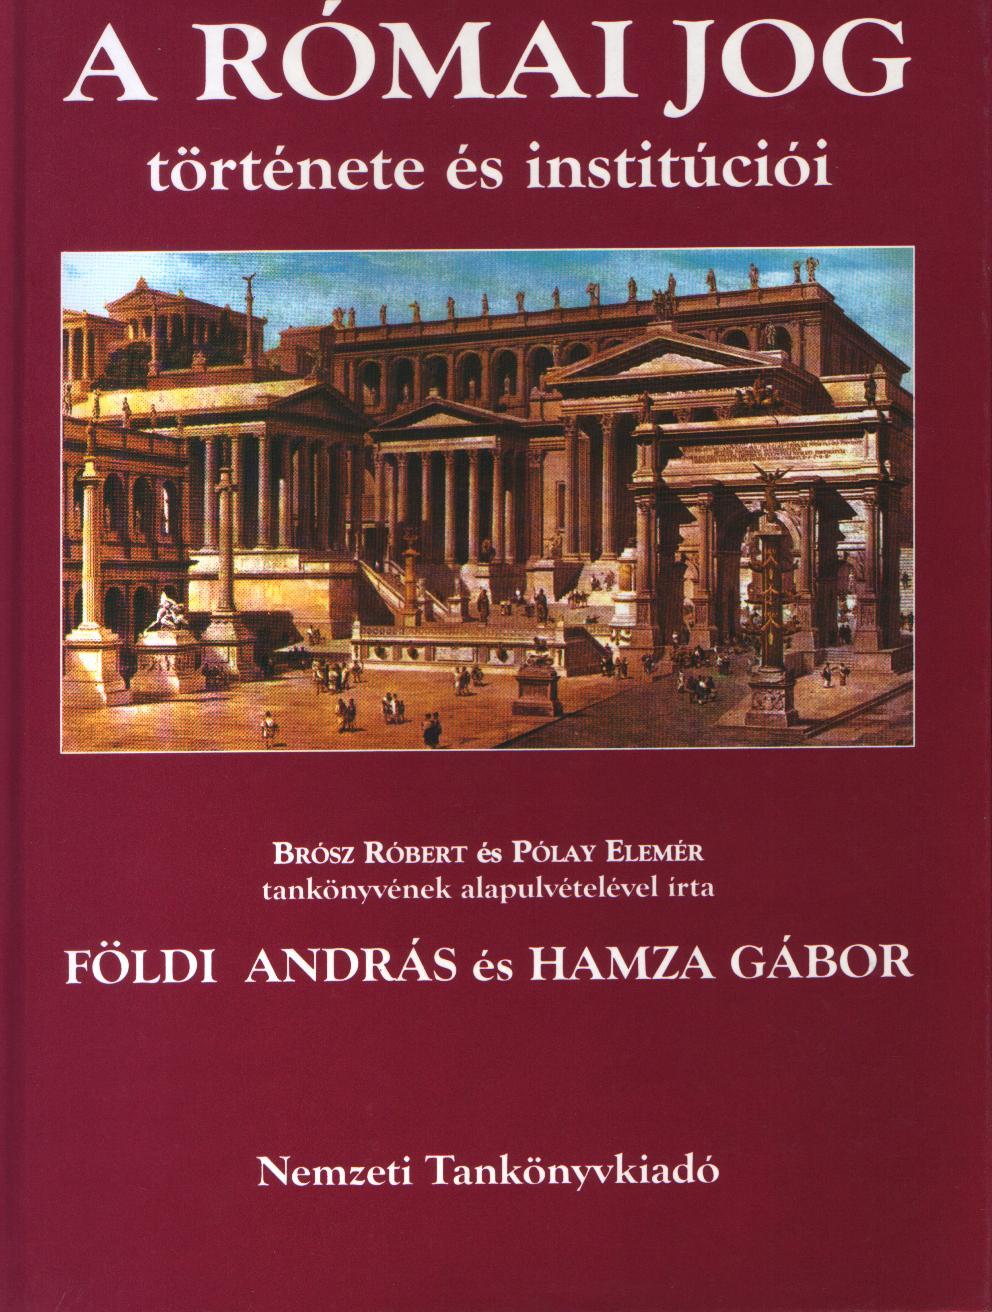 A római jog